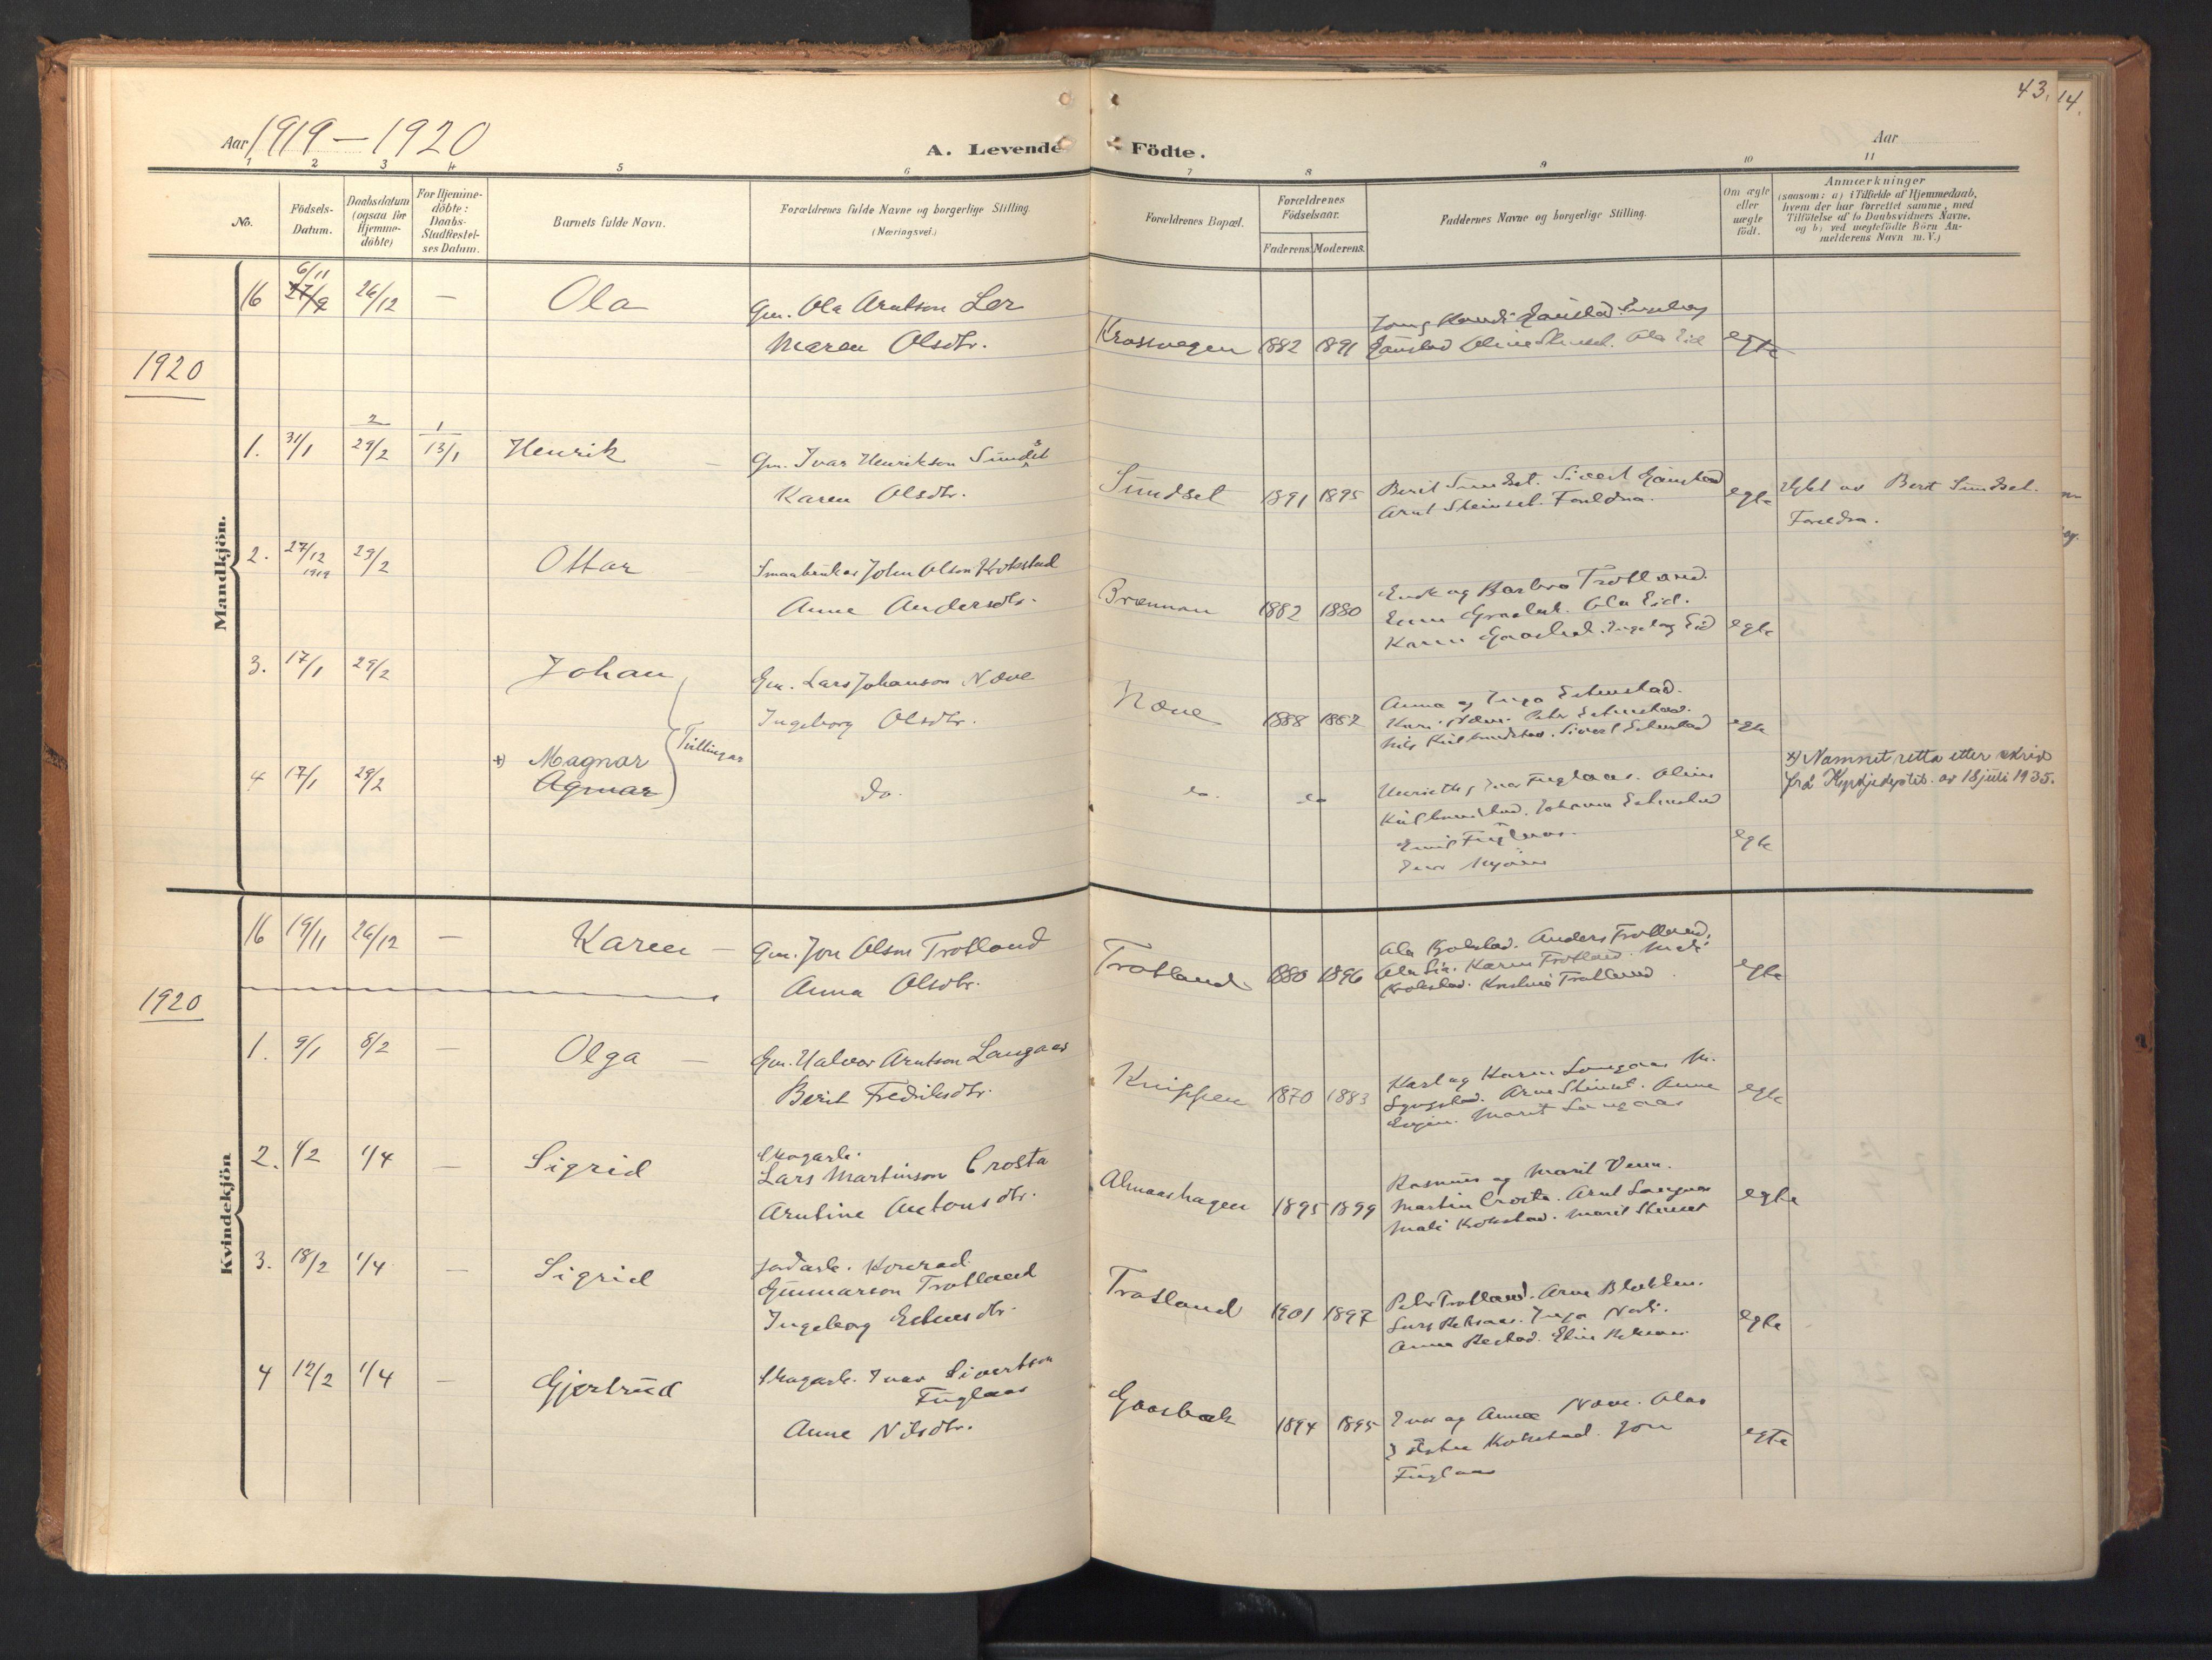 SAT, Ministerialprotokoller, klokkerbøker og fødselsregistre - Sør-Trøndelag, 694/L1128: Ministerialbok nr. 694A02, 1906-1931, s. 43